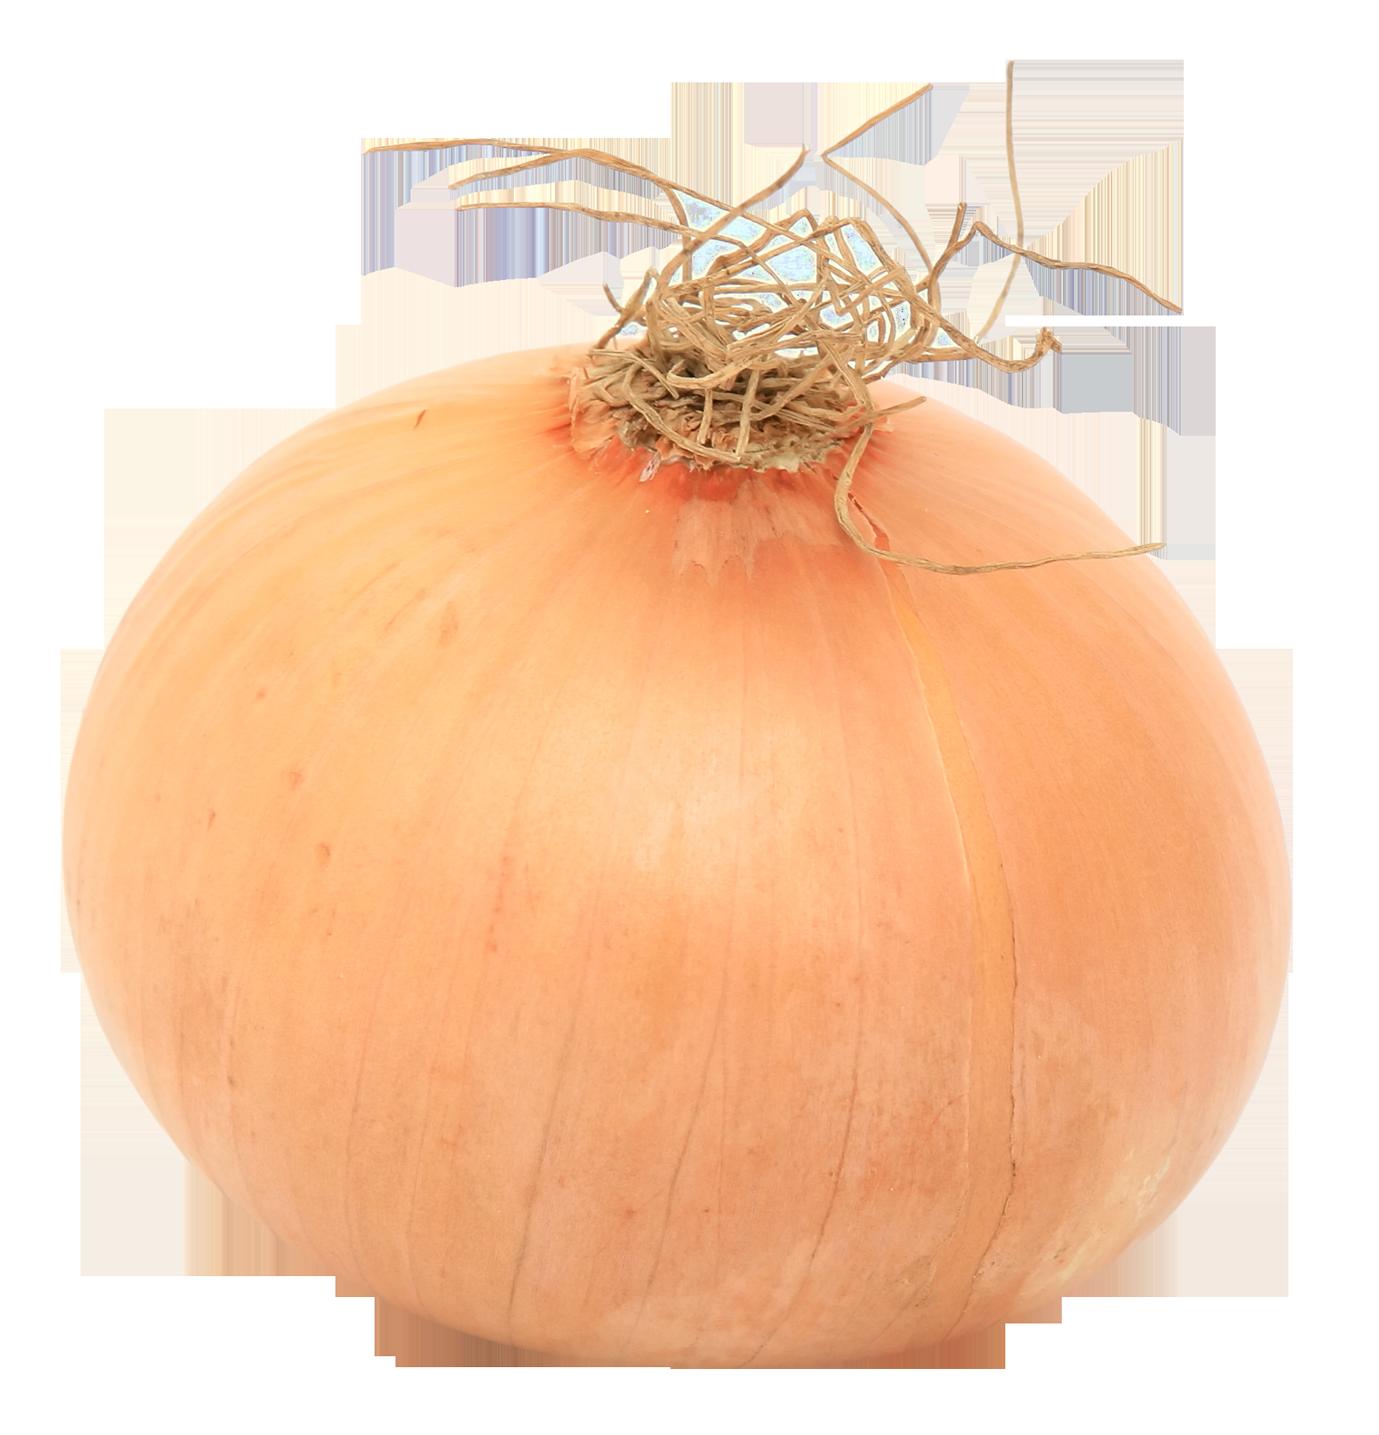 Onion clipart onion peel. Png images pngpix image